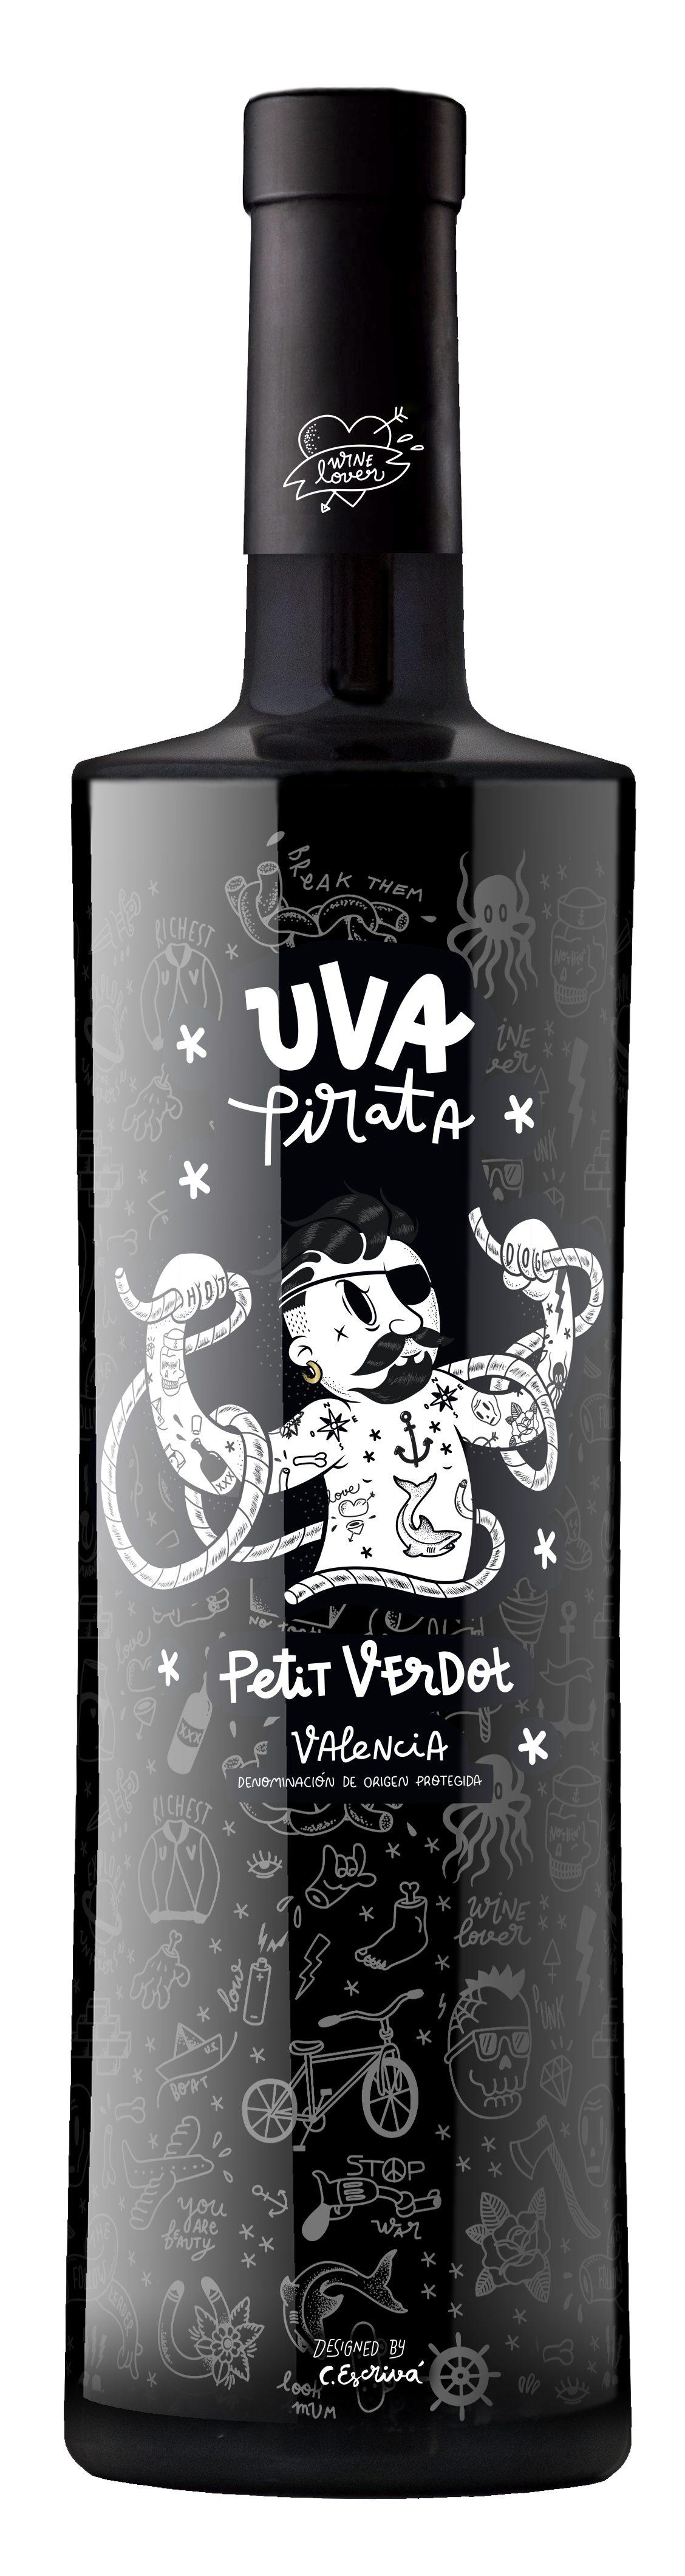 Vicente Gandia Uva Pirata Petit Verdot